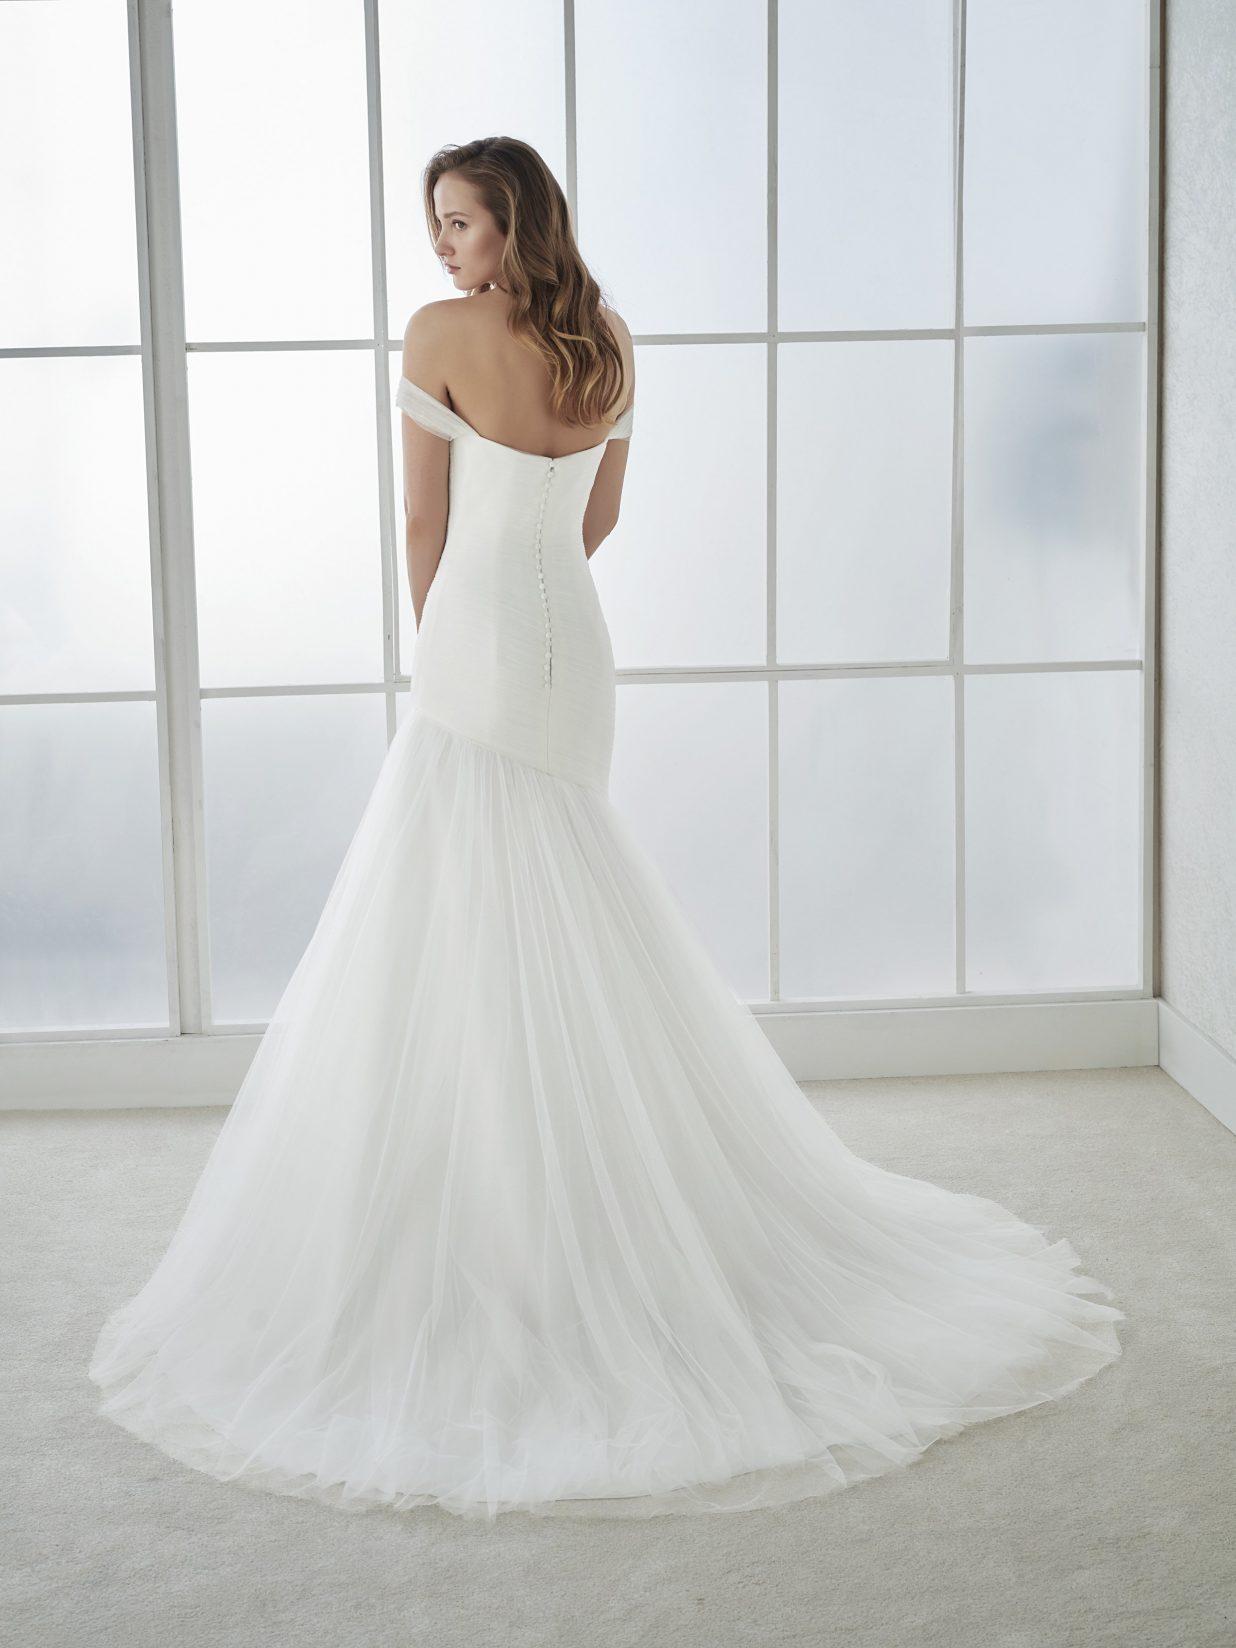 Vestido de boda en tul y drapeado con corte sirena - Modena novias